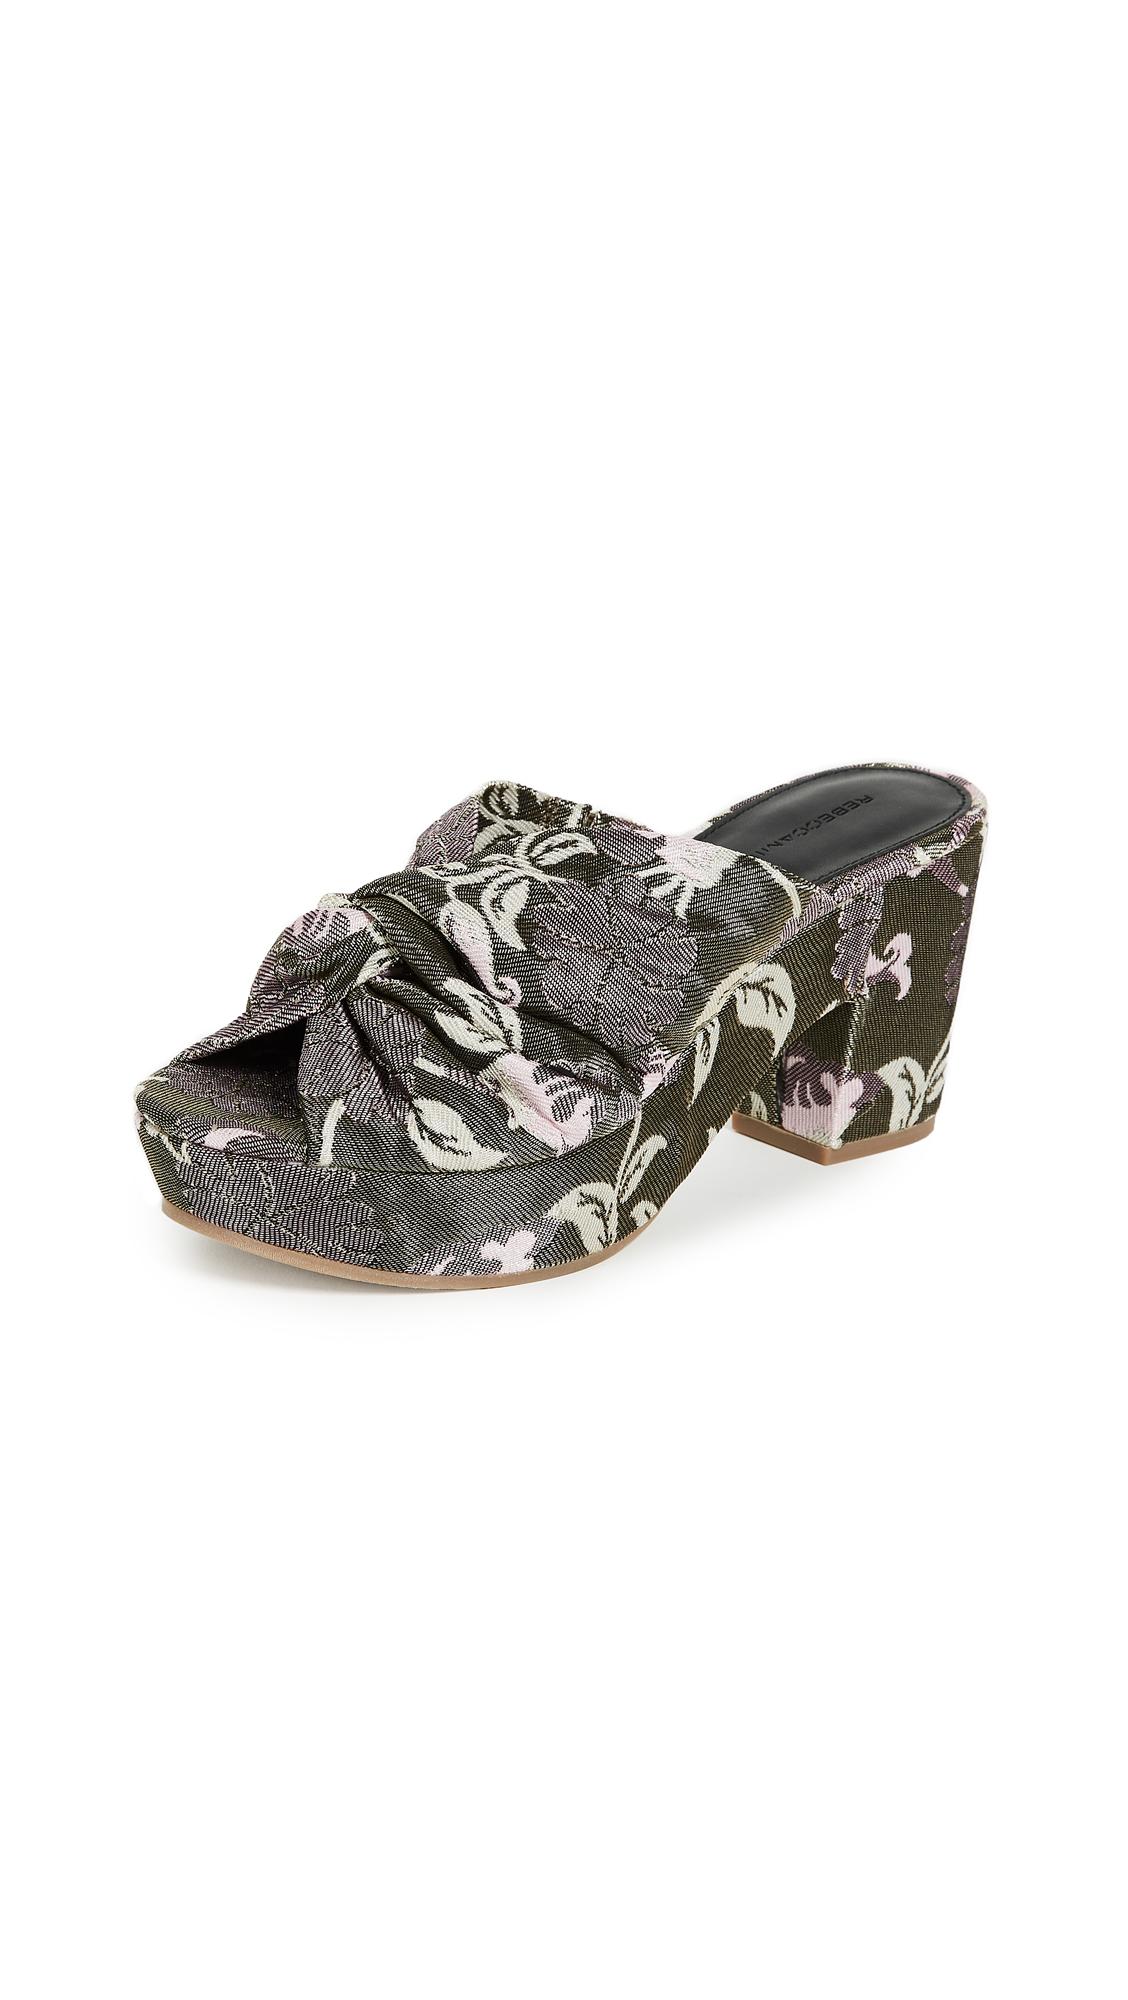 Rebecca Minkoff Jaden Platform Sandals - Green/Pink